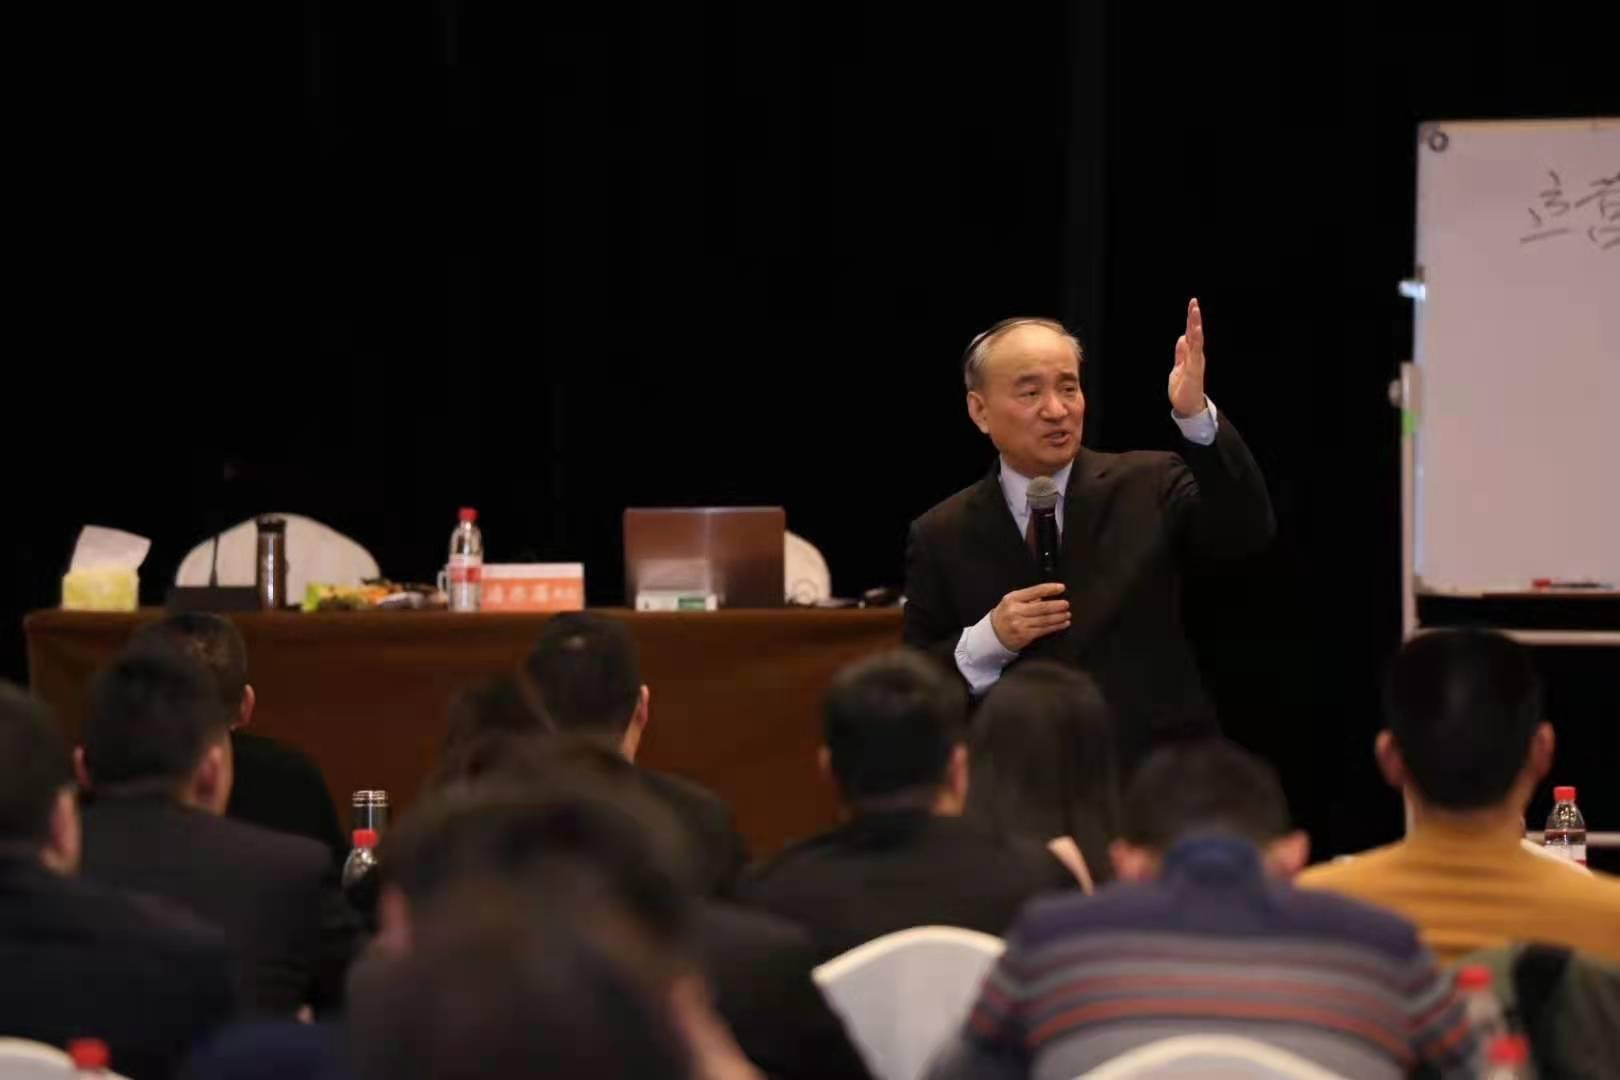 南孔教育亚城大|著名战略专家潘亦藩老师《新时期战略管理与策略创新》直播课程圆满完成